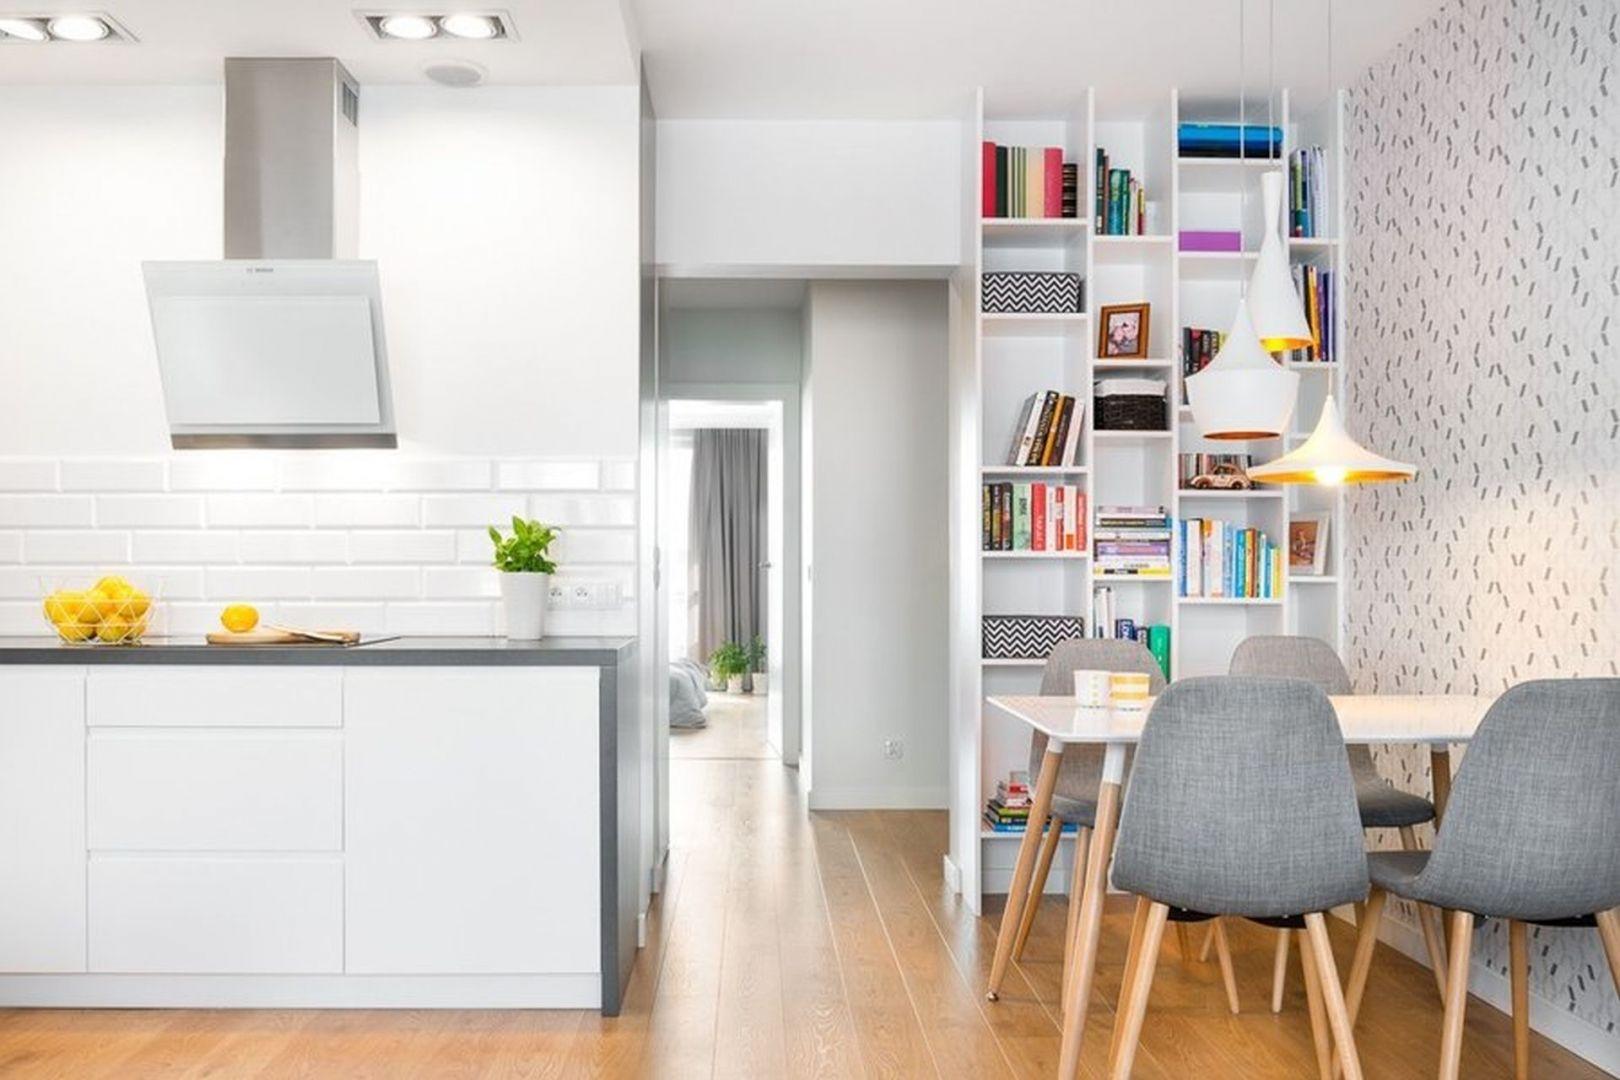 Jasne, proste i funkcjonalne mieszkanie ma 70 m2 powierzchni. Projekt: Krystyna Dziewanowska, zdjęcia Mateusz Torbus/7TH IDEA